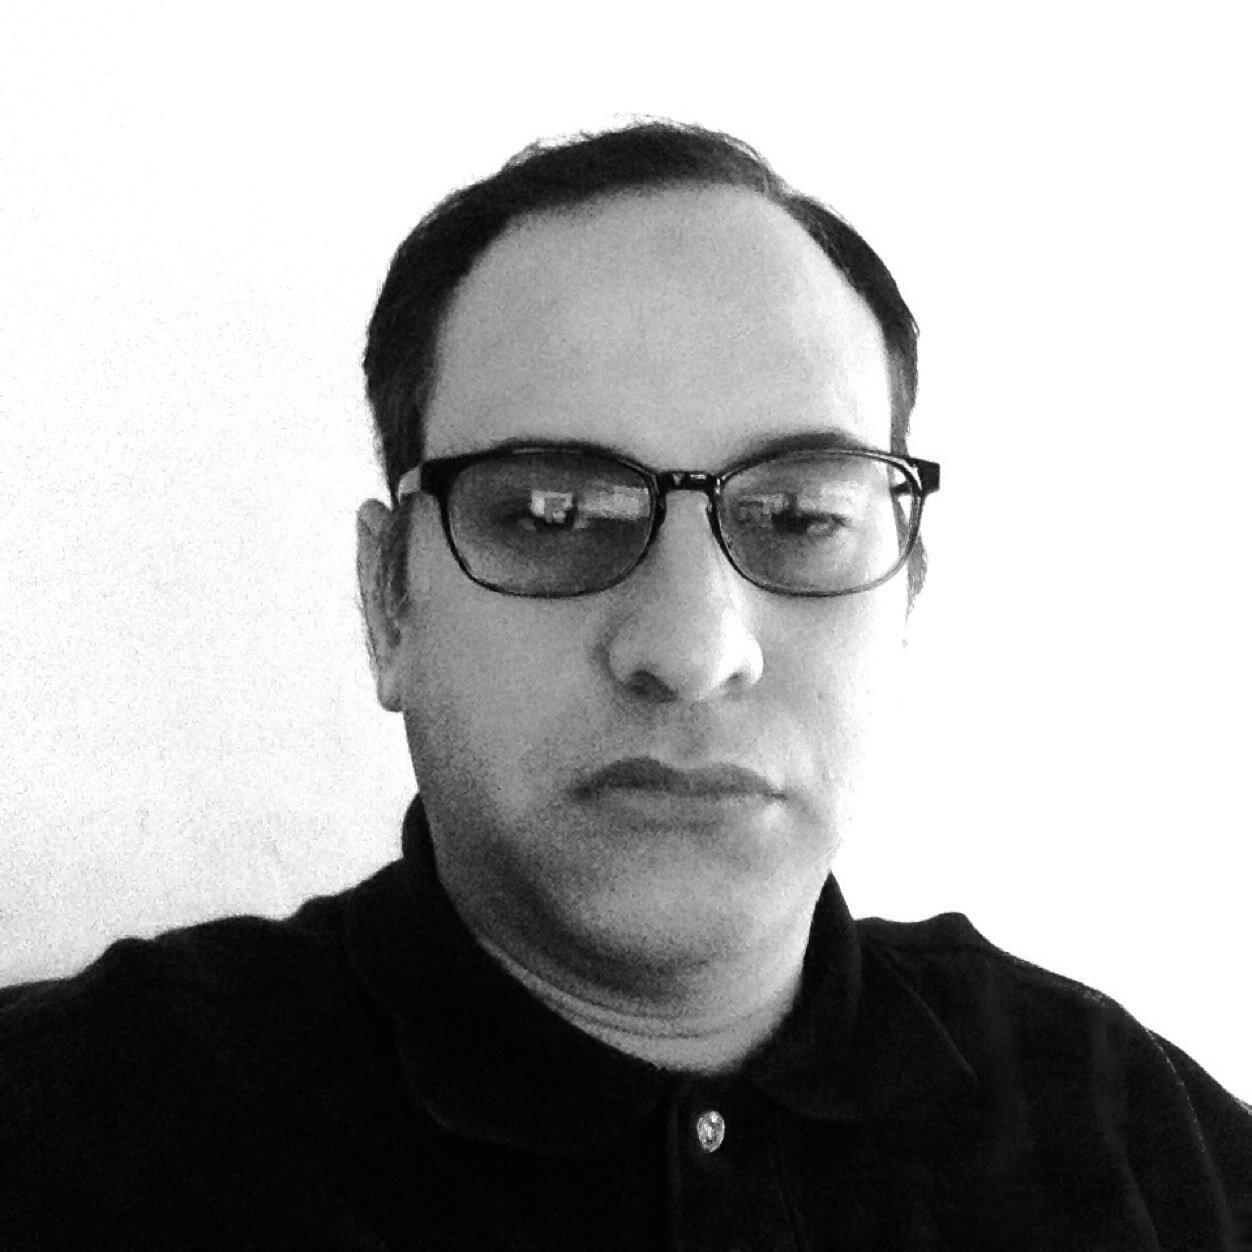 Hasham Malik